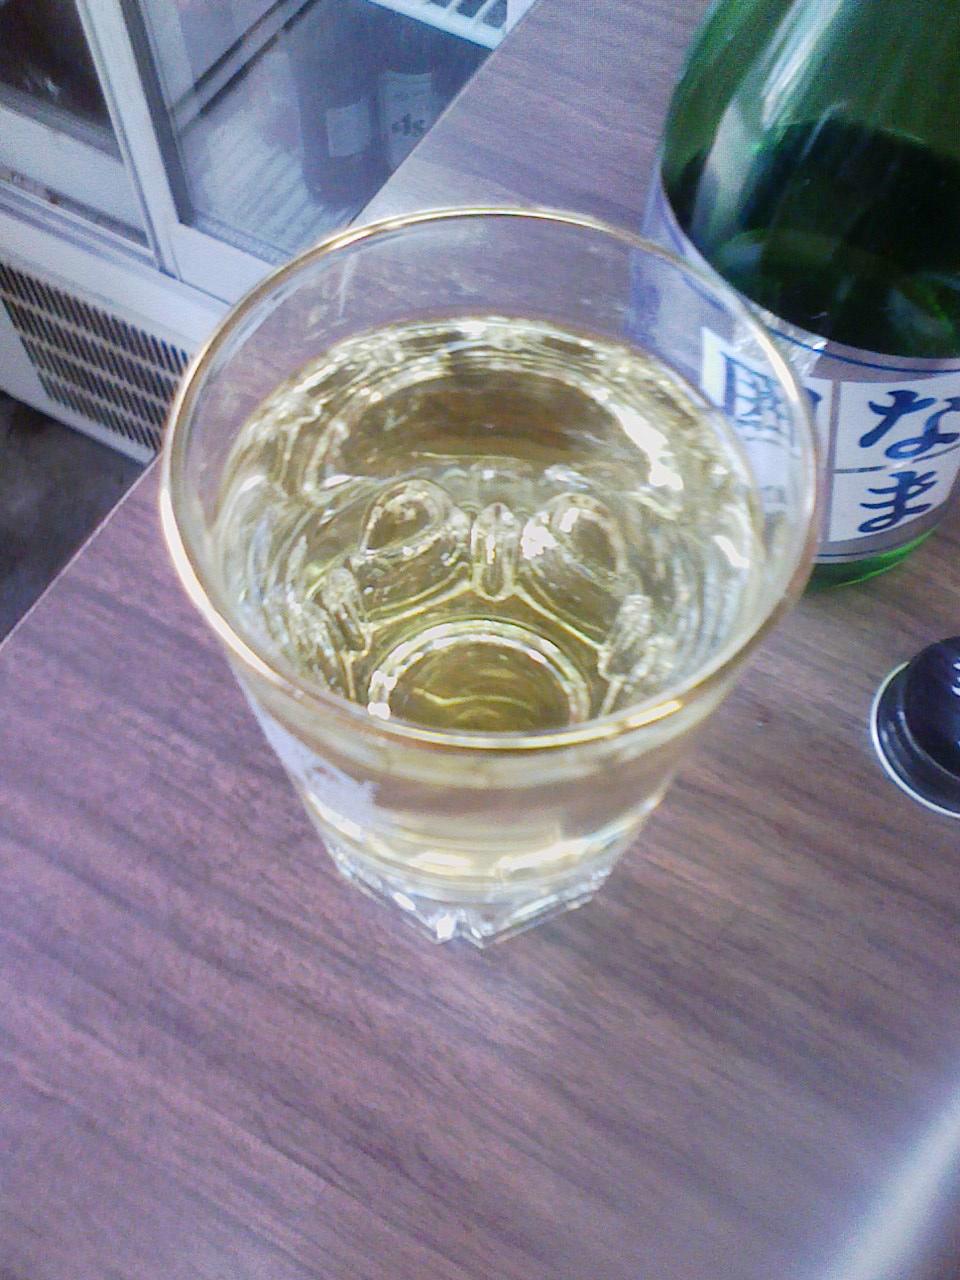 三木の酒「葵鶴」を高台の角打ちで_c0061686_3471118.jpg